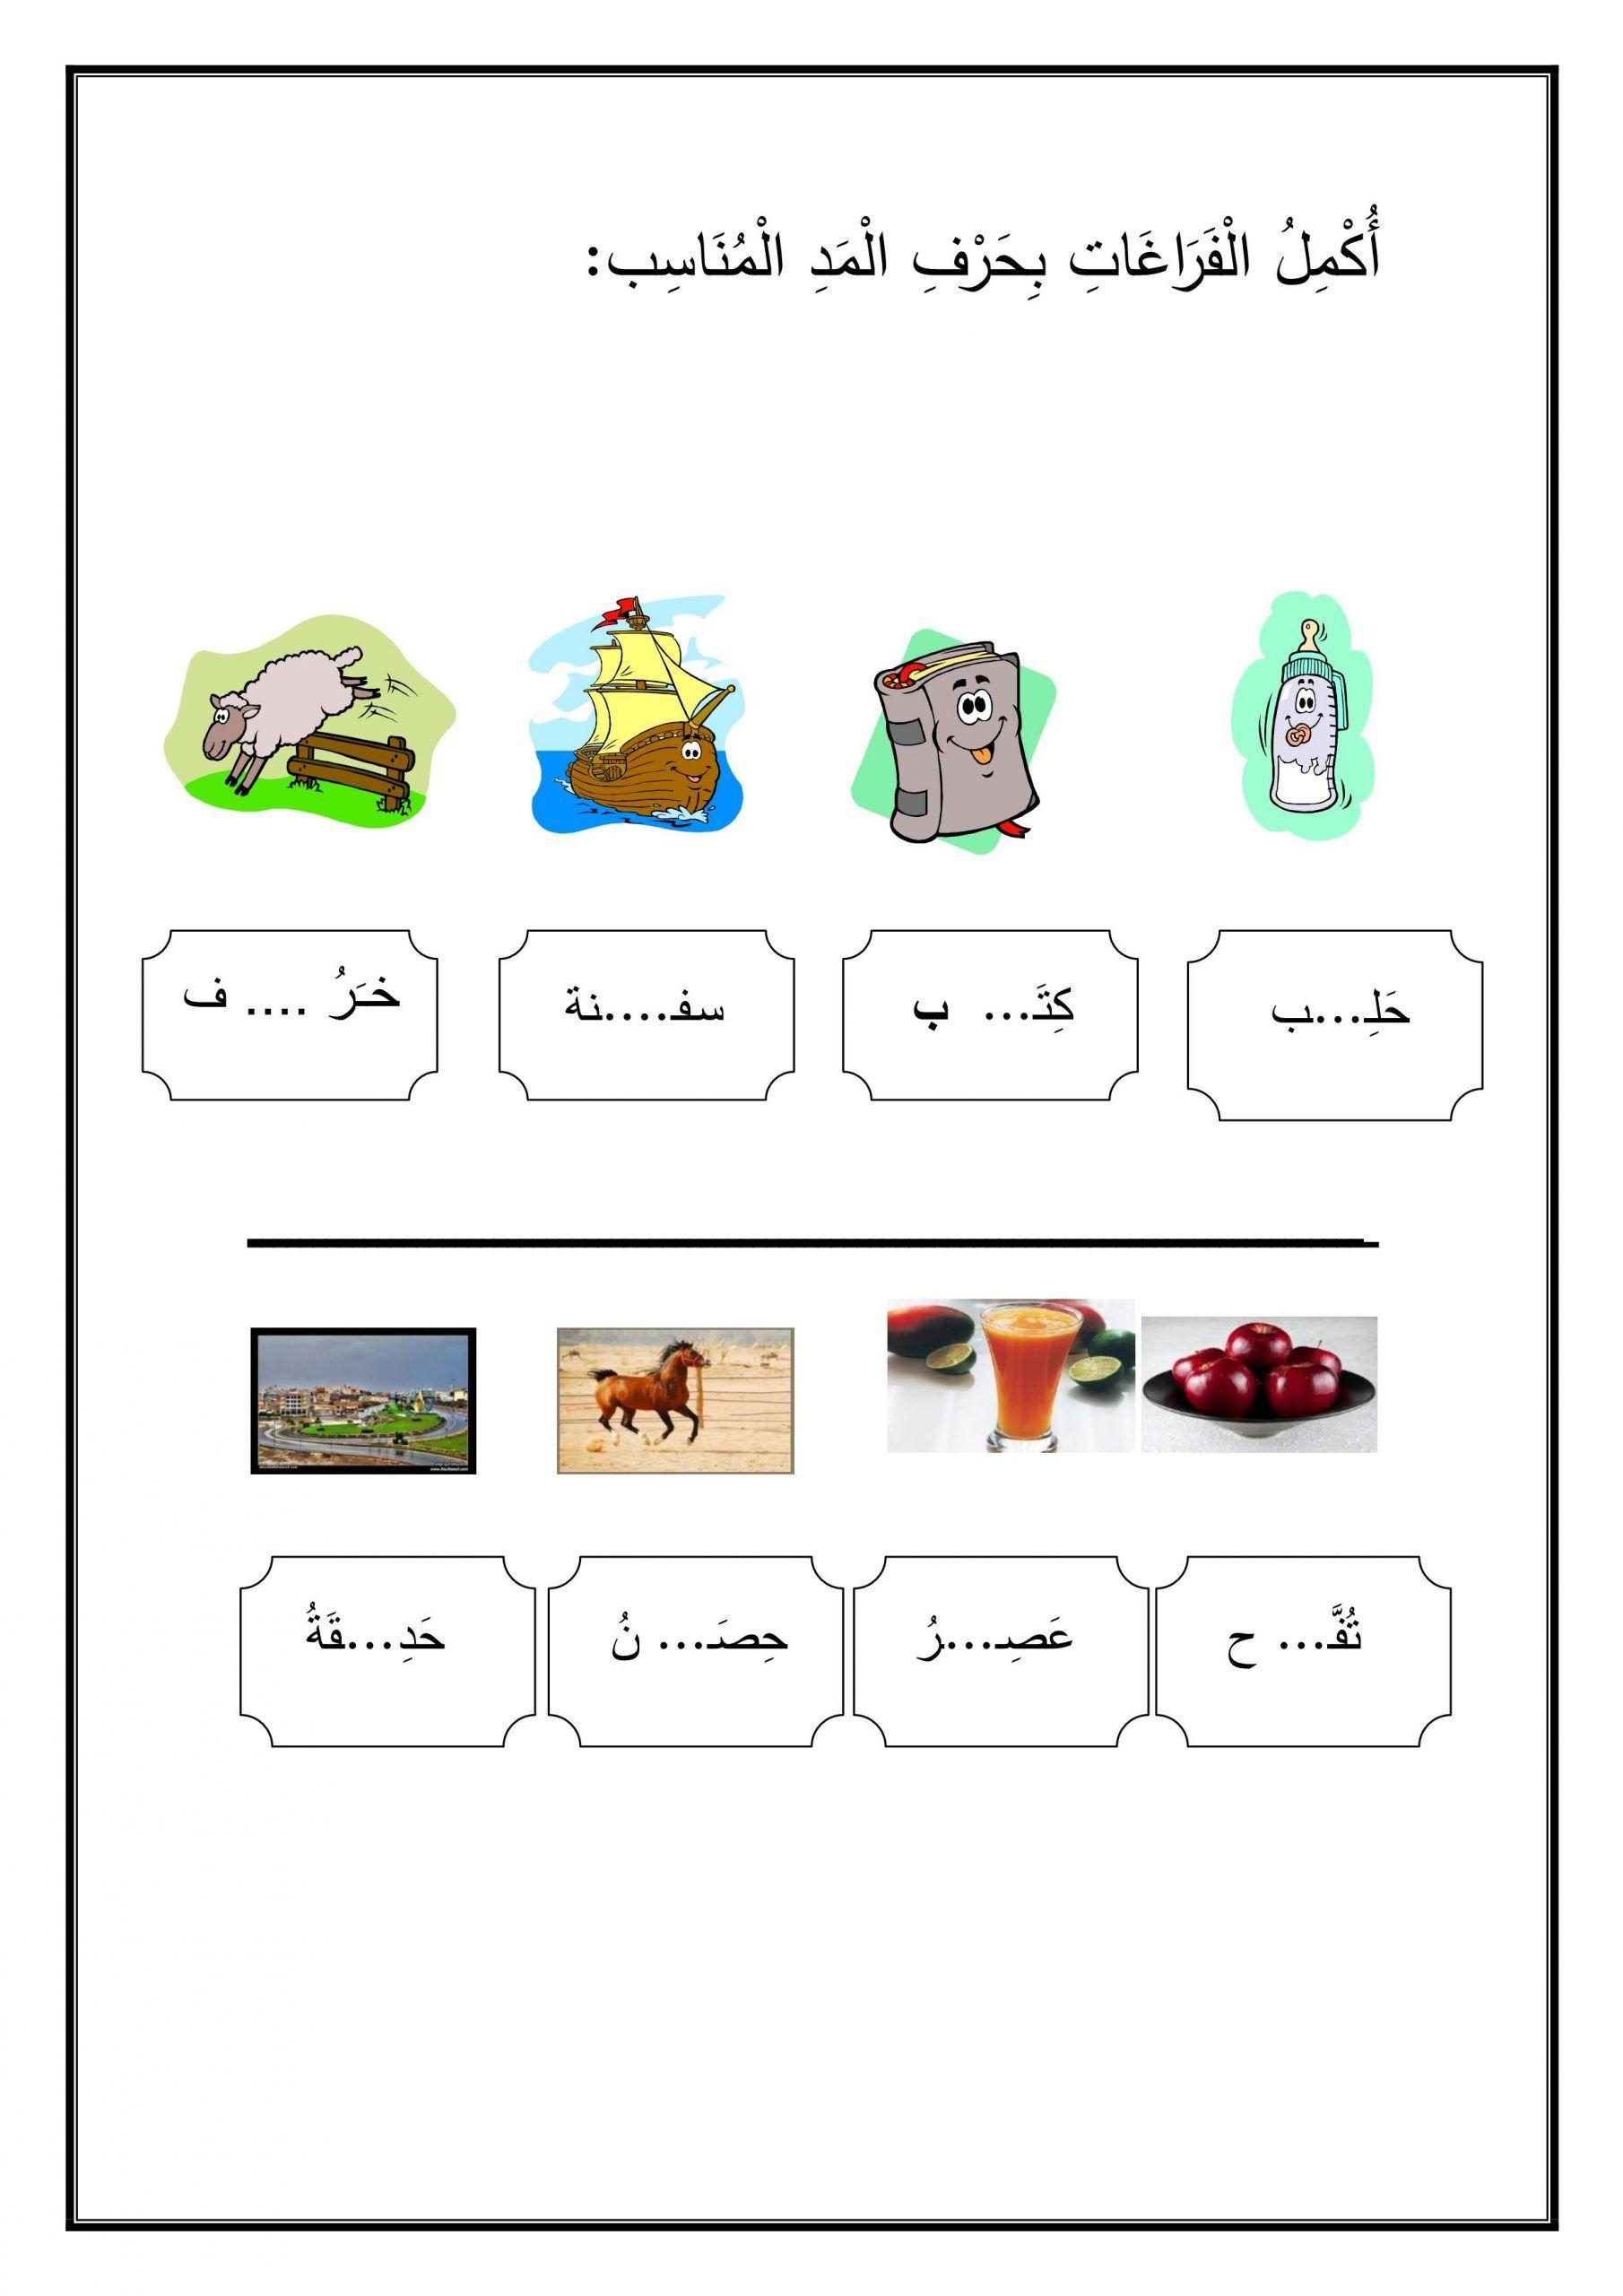 اوراق عمل تدريبات متنوعة على المدود للصف الاول مادة اللغة العربية Comics Peanuts Comics